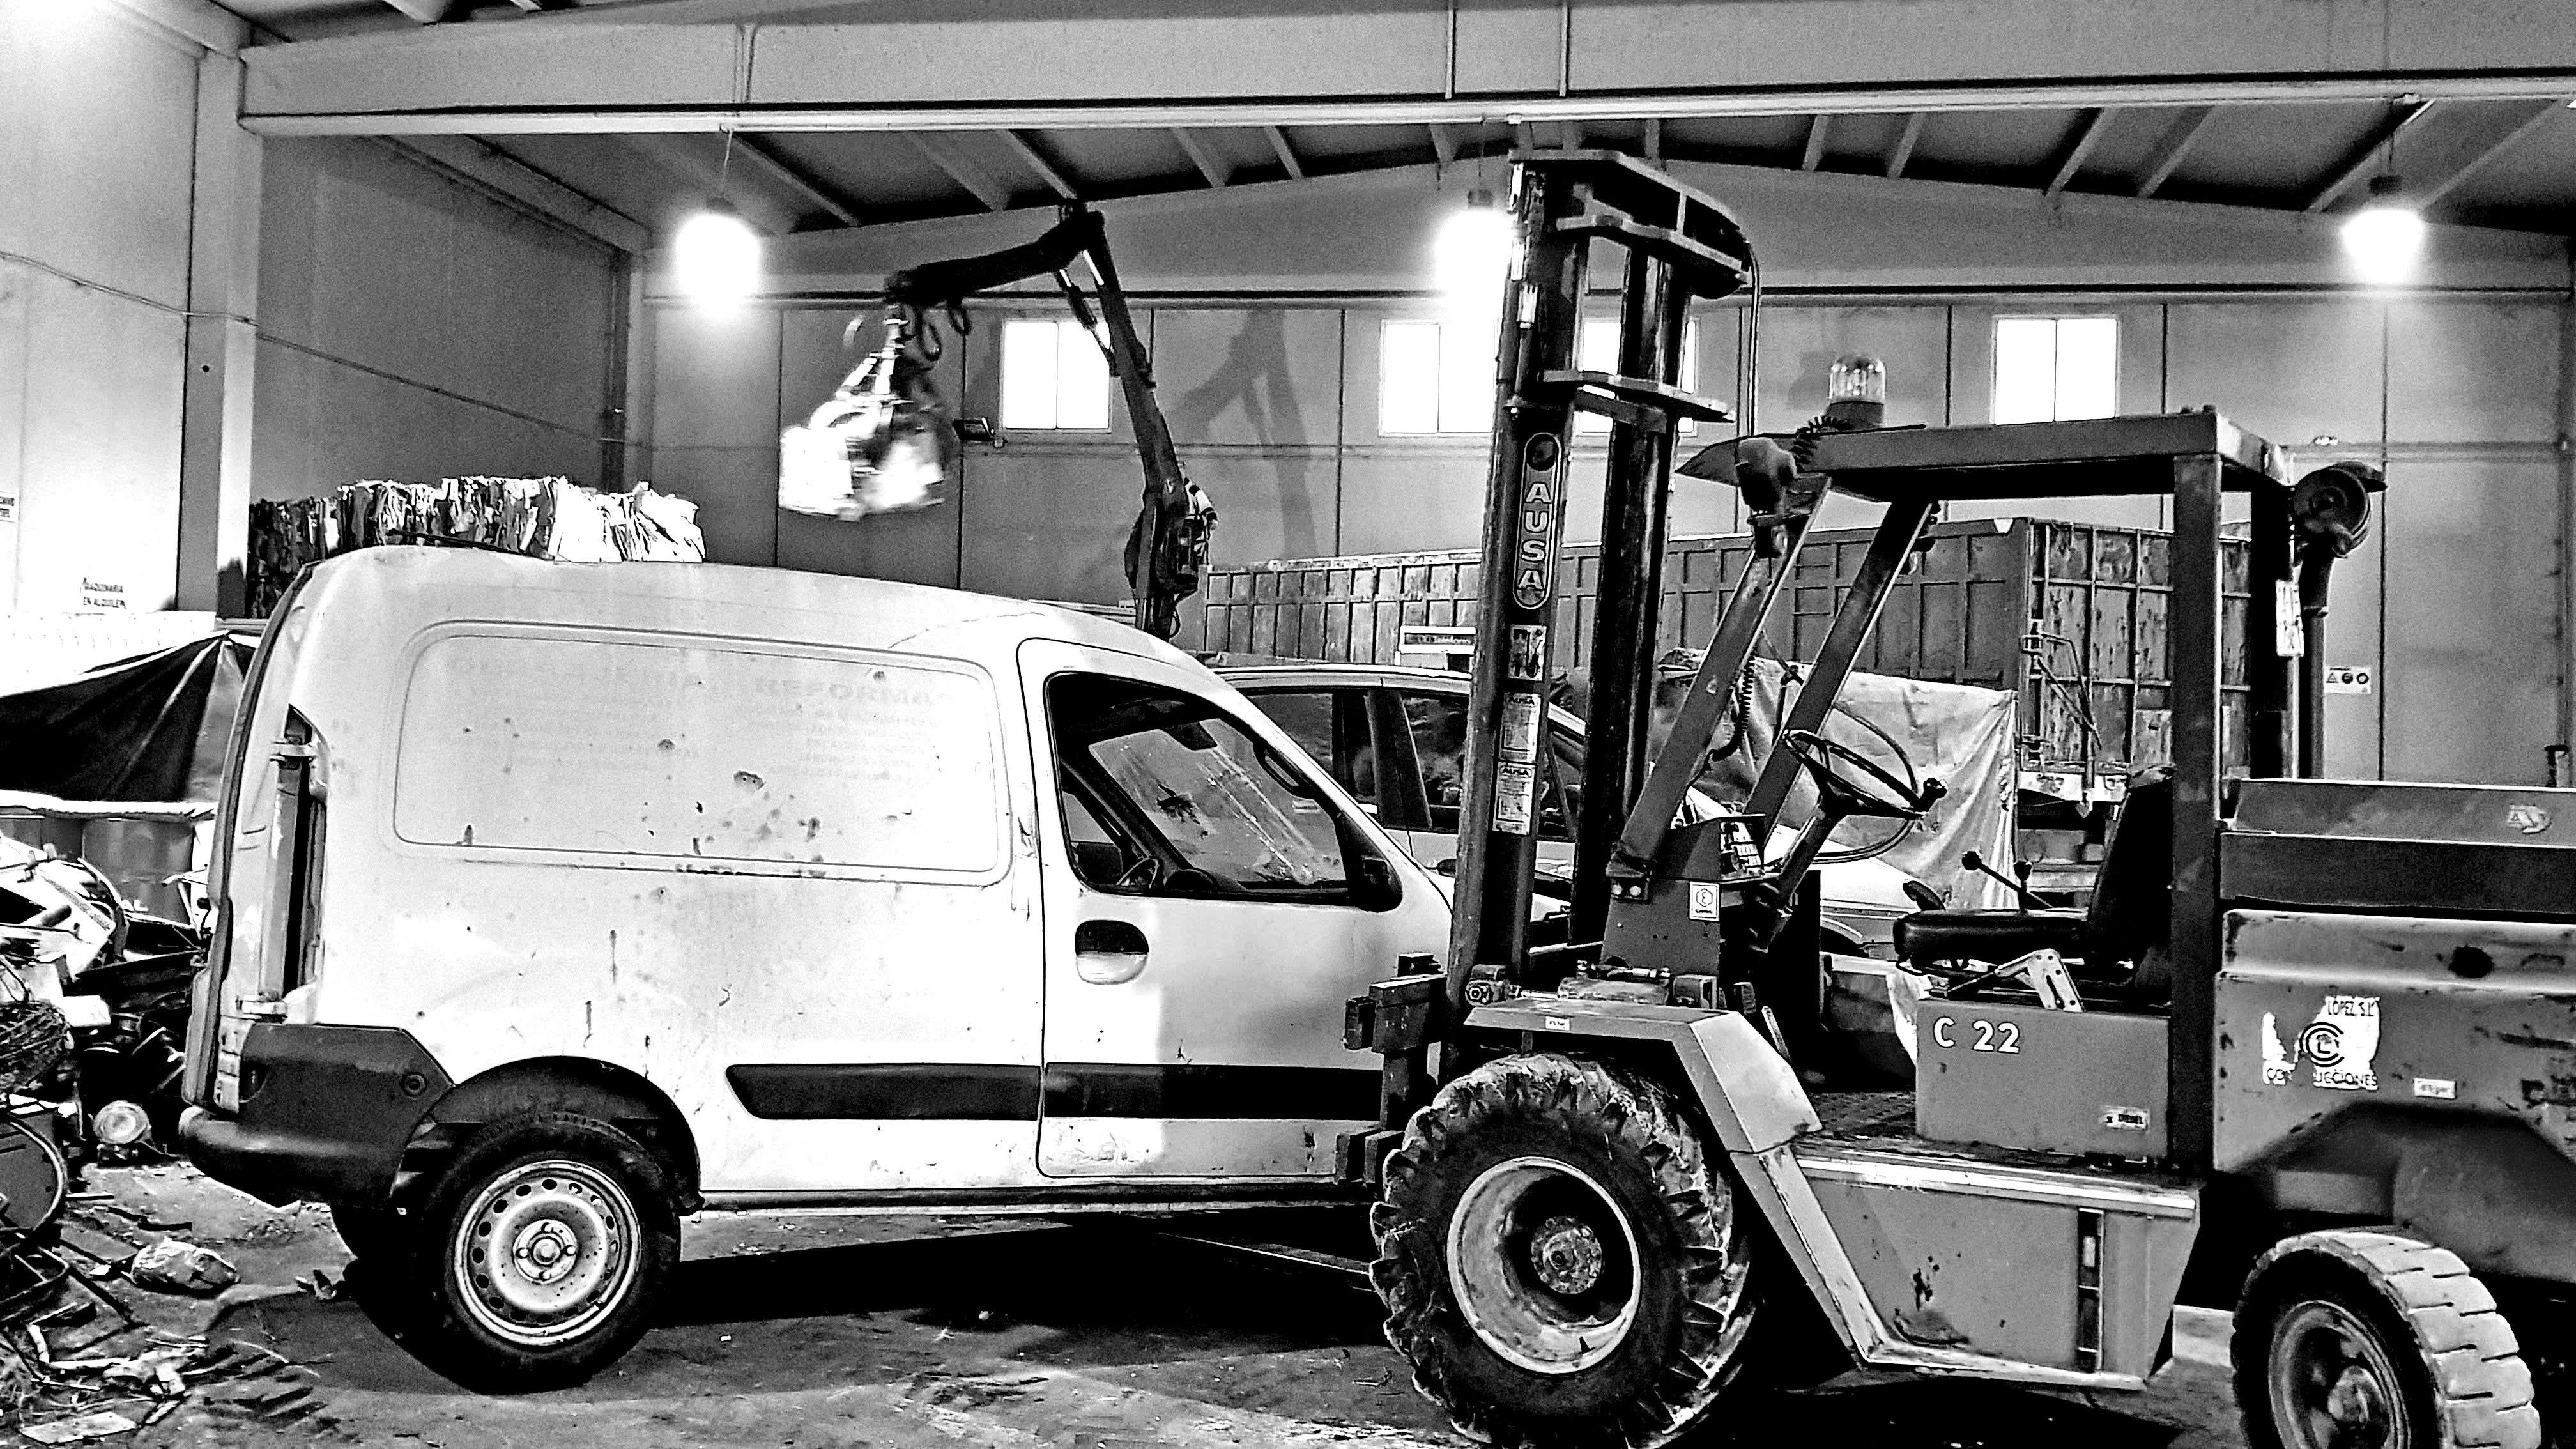 Vehículos y maquinaria industrial: Servicios de Recuperaciones A. Sánchez